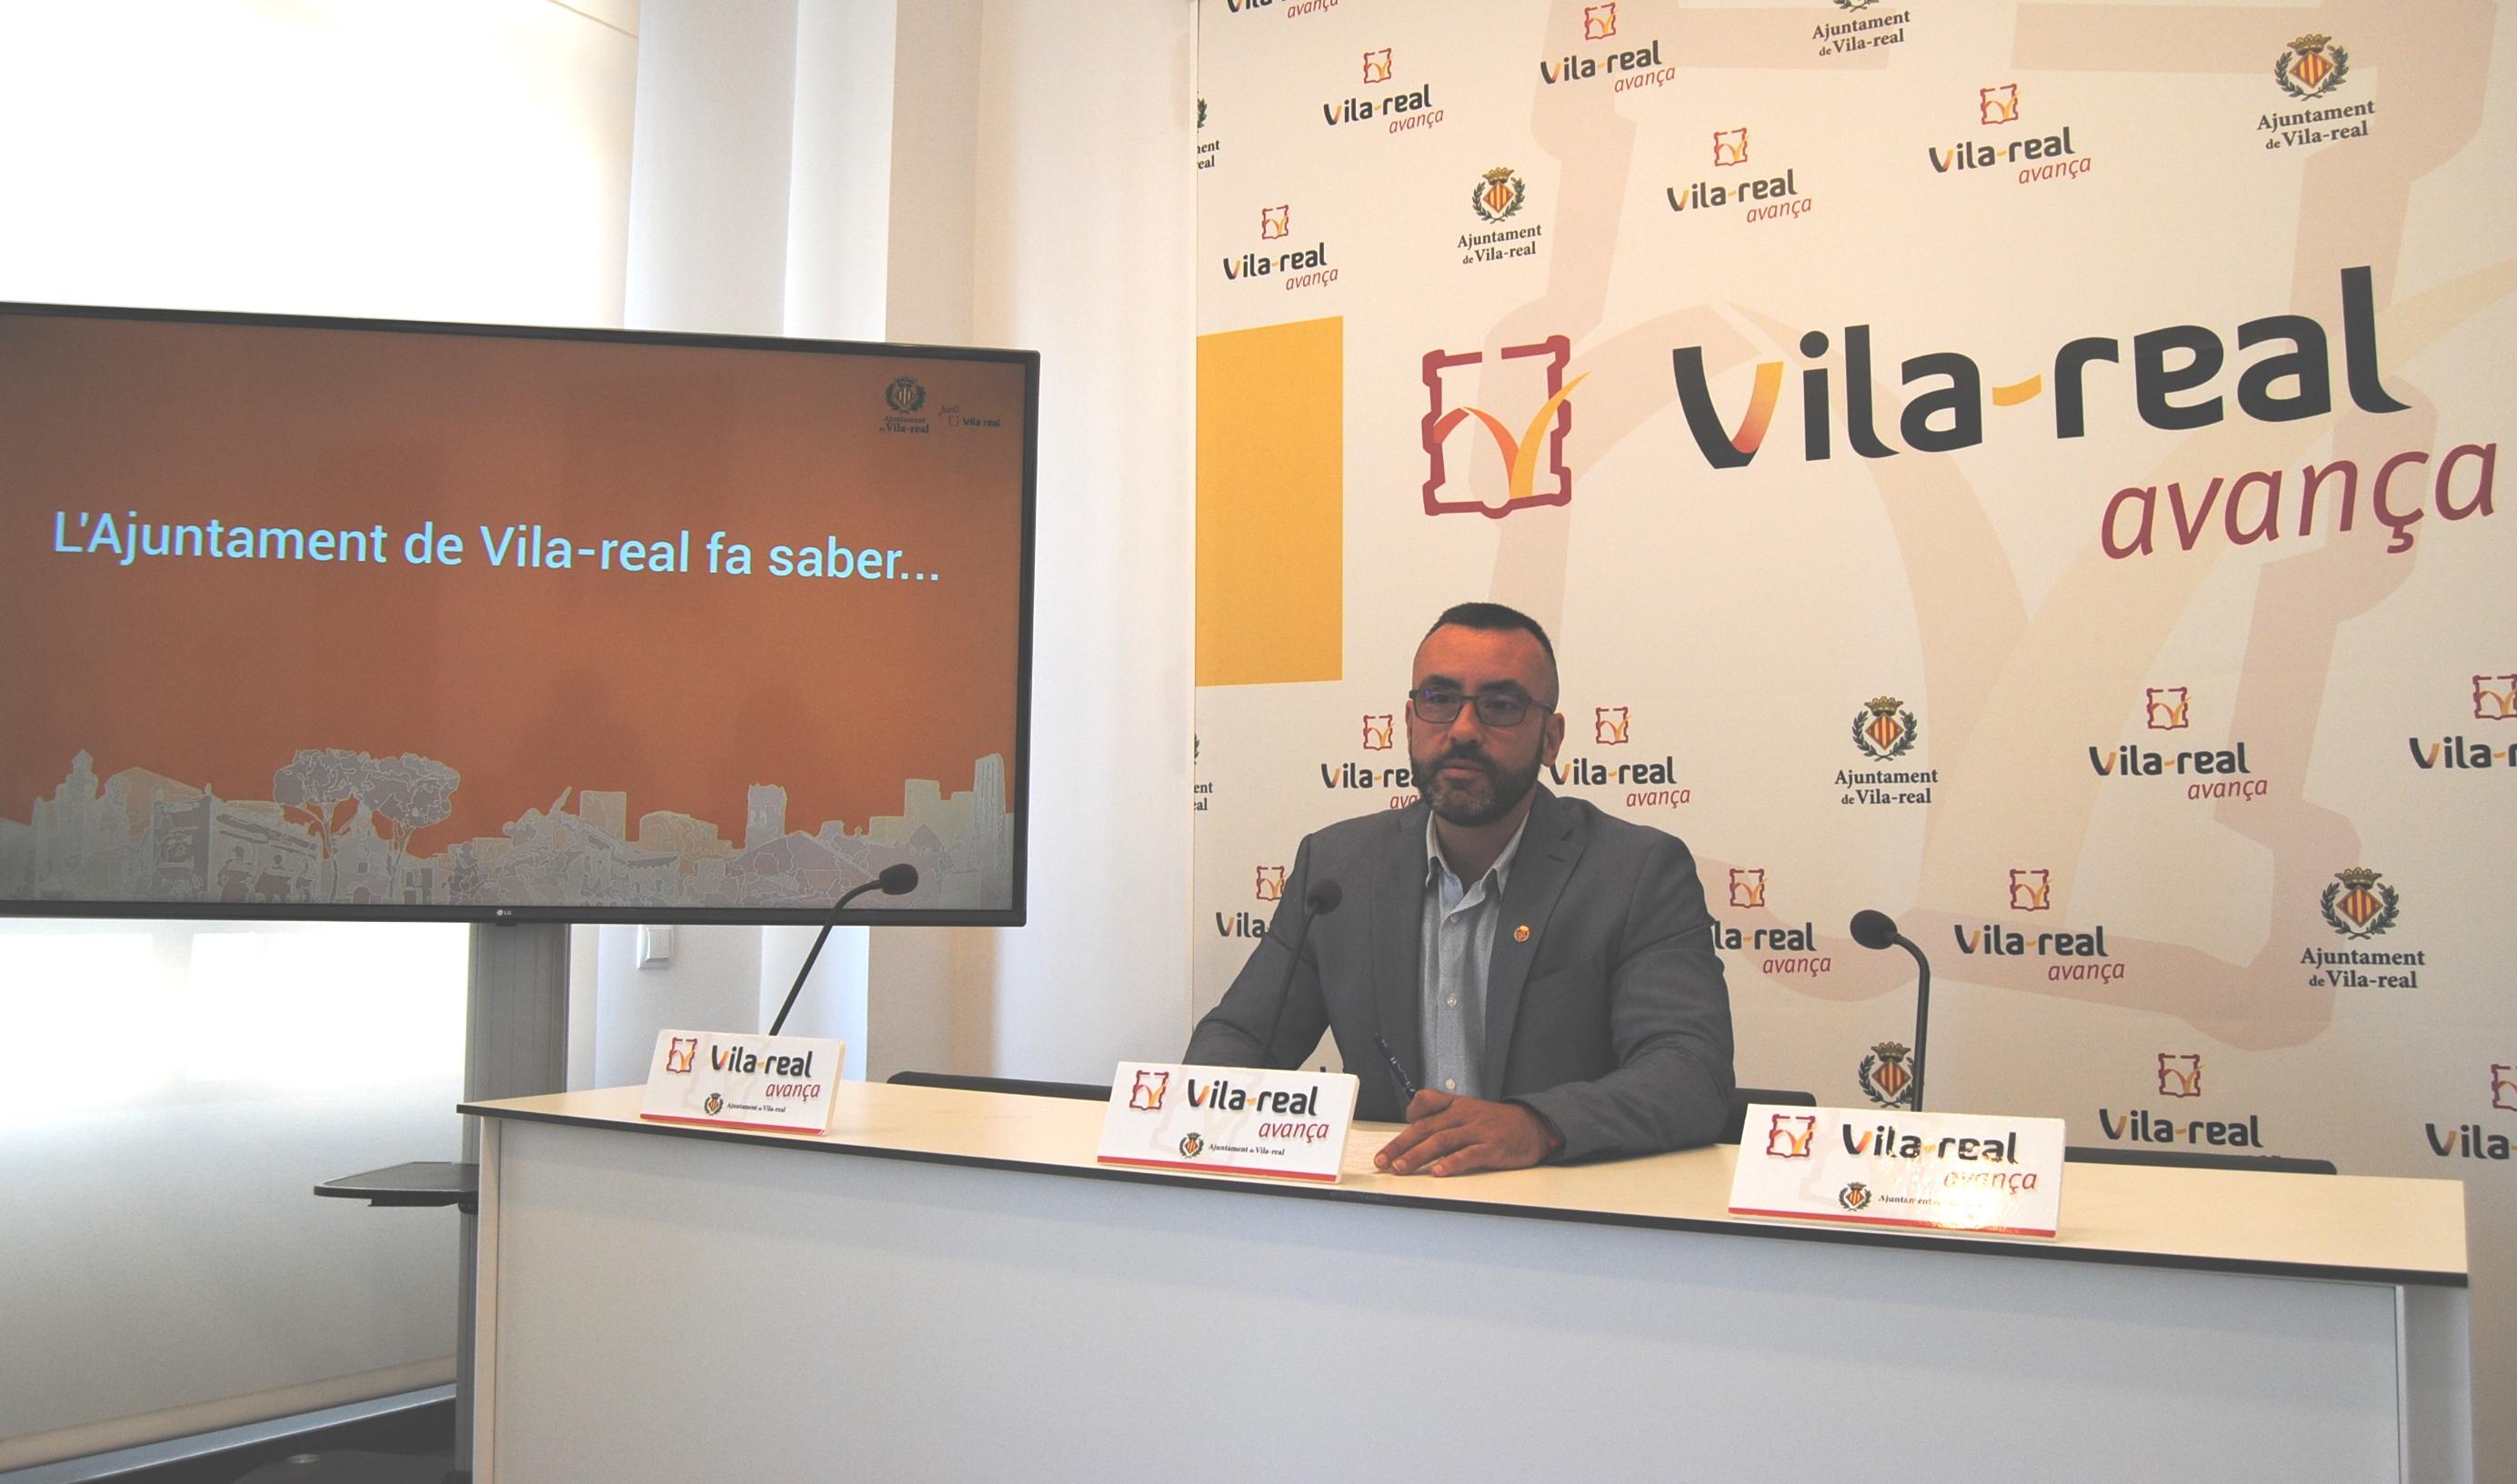 Vila-real lanza el proyecto del pregonero del siglo XXI.